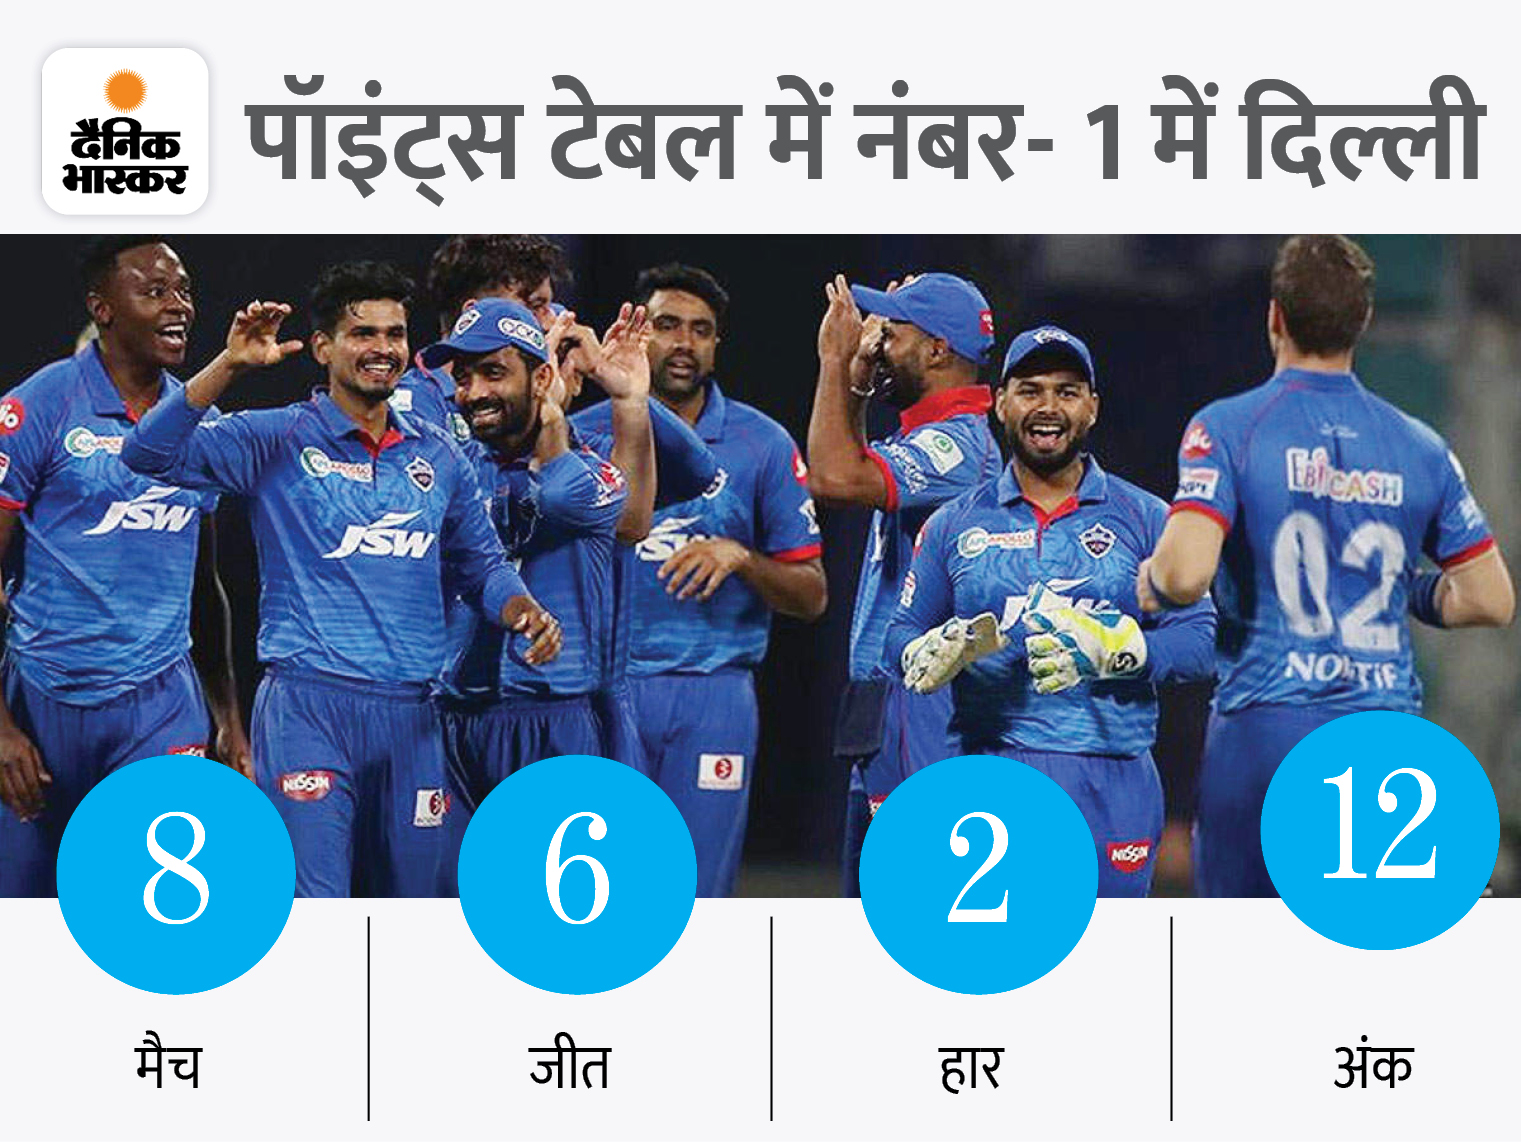 अय्यर की वापसी से मजबूत हुई बैटिंग, गेंदबाजी टीम की सबसे बड़ी स्ट्रेंथ; हेटमायर-रहाणे की फॉर्म चिंता का विषय|क्रिकेट,Cricket - Dainik Bhaskar